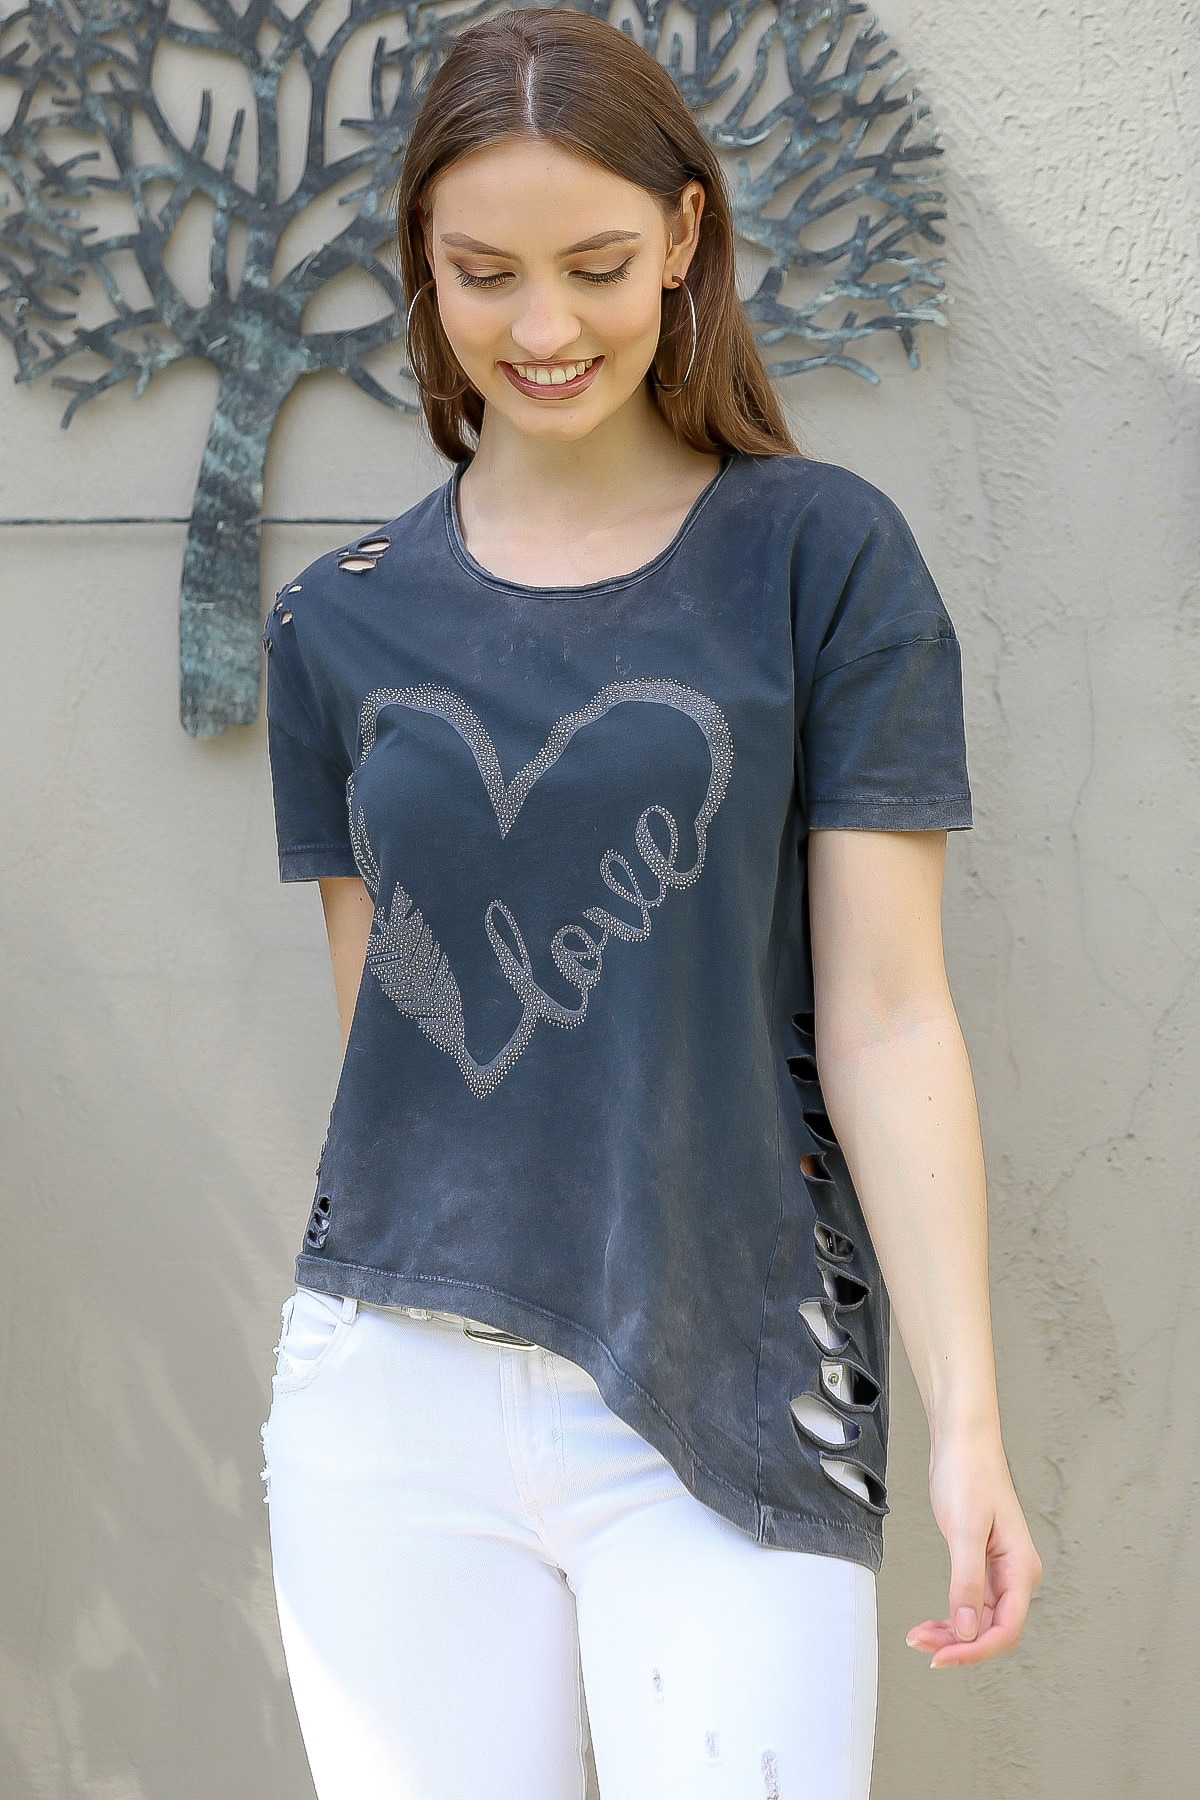 Chiccy Kadın Antrasit Love Kalp Baskılı Lazer Kesimli Asimetrik Yıkamalı T-Shirt M10010300TS98245 2